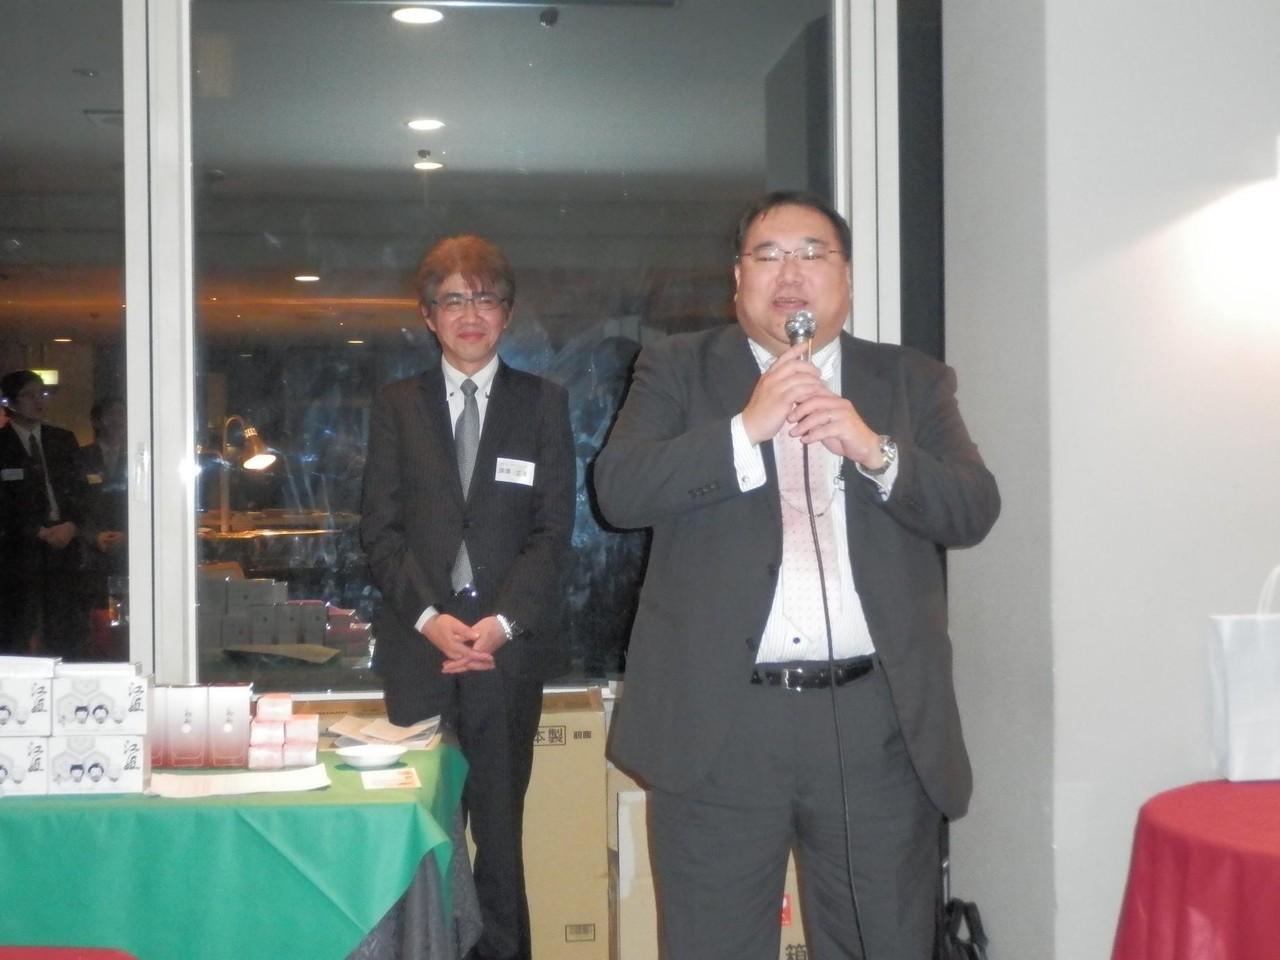 右側 新会員の生垣信雄さんです!よろしくお願いいたします☆